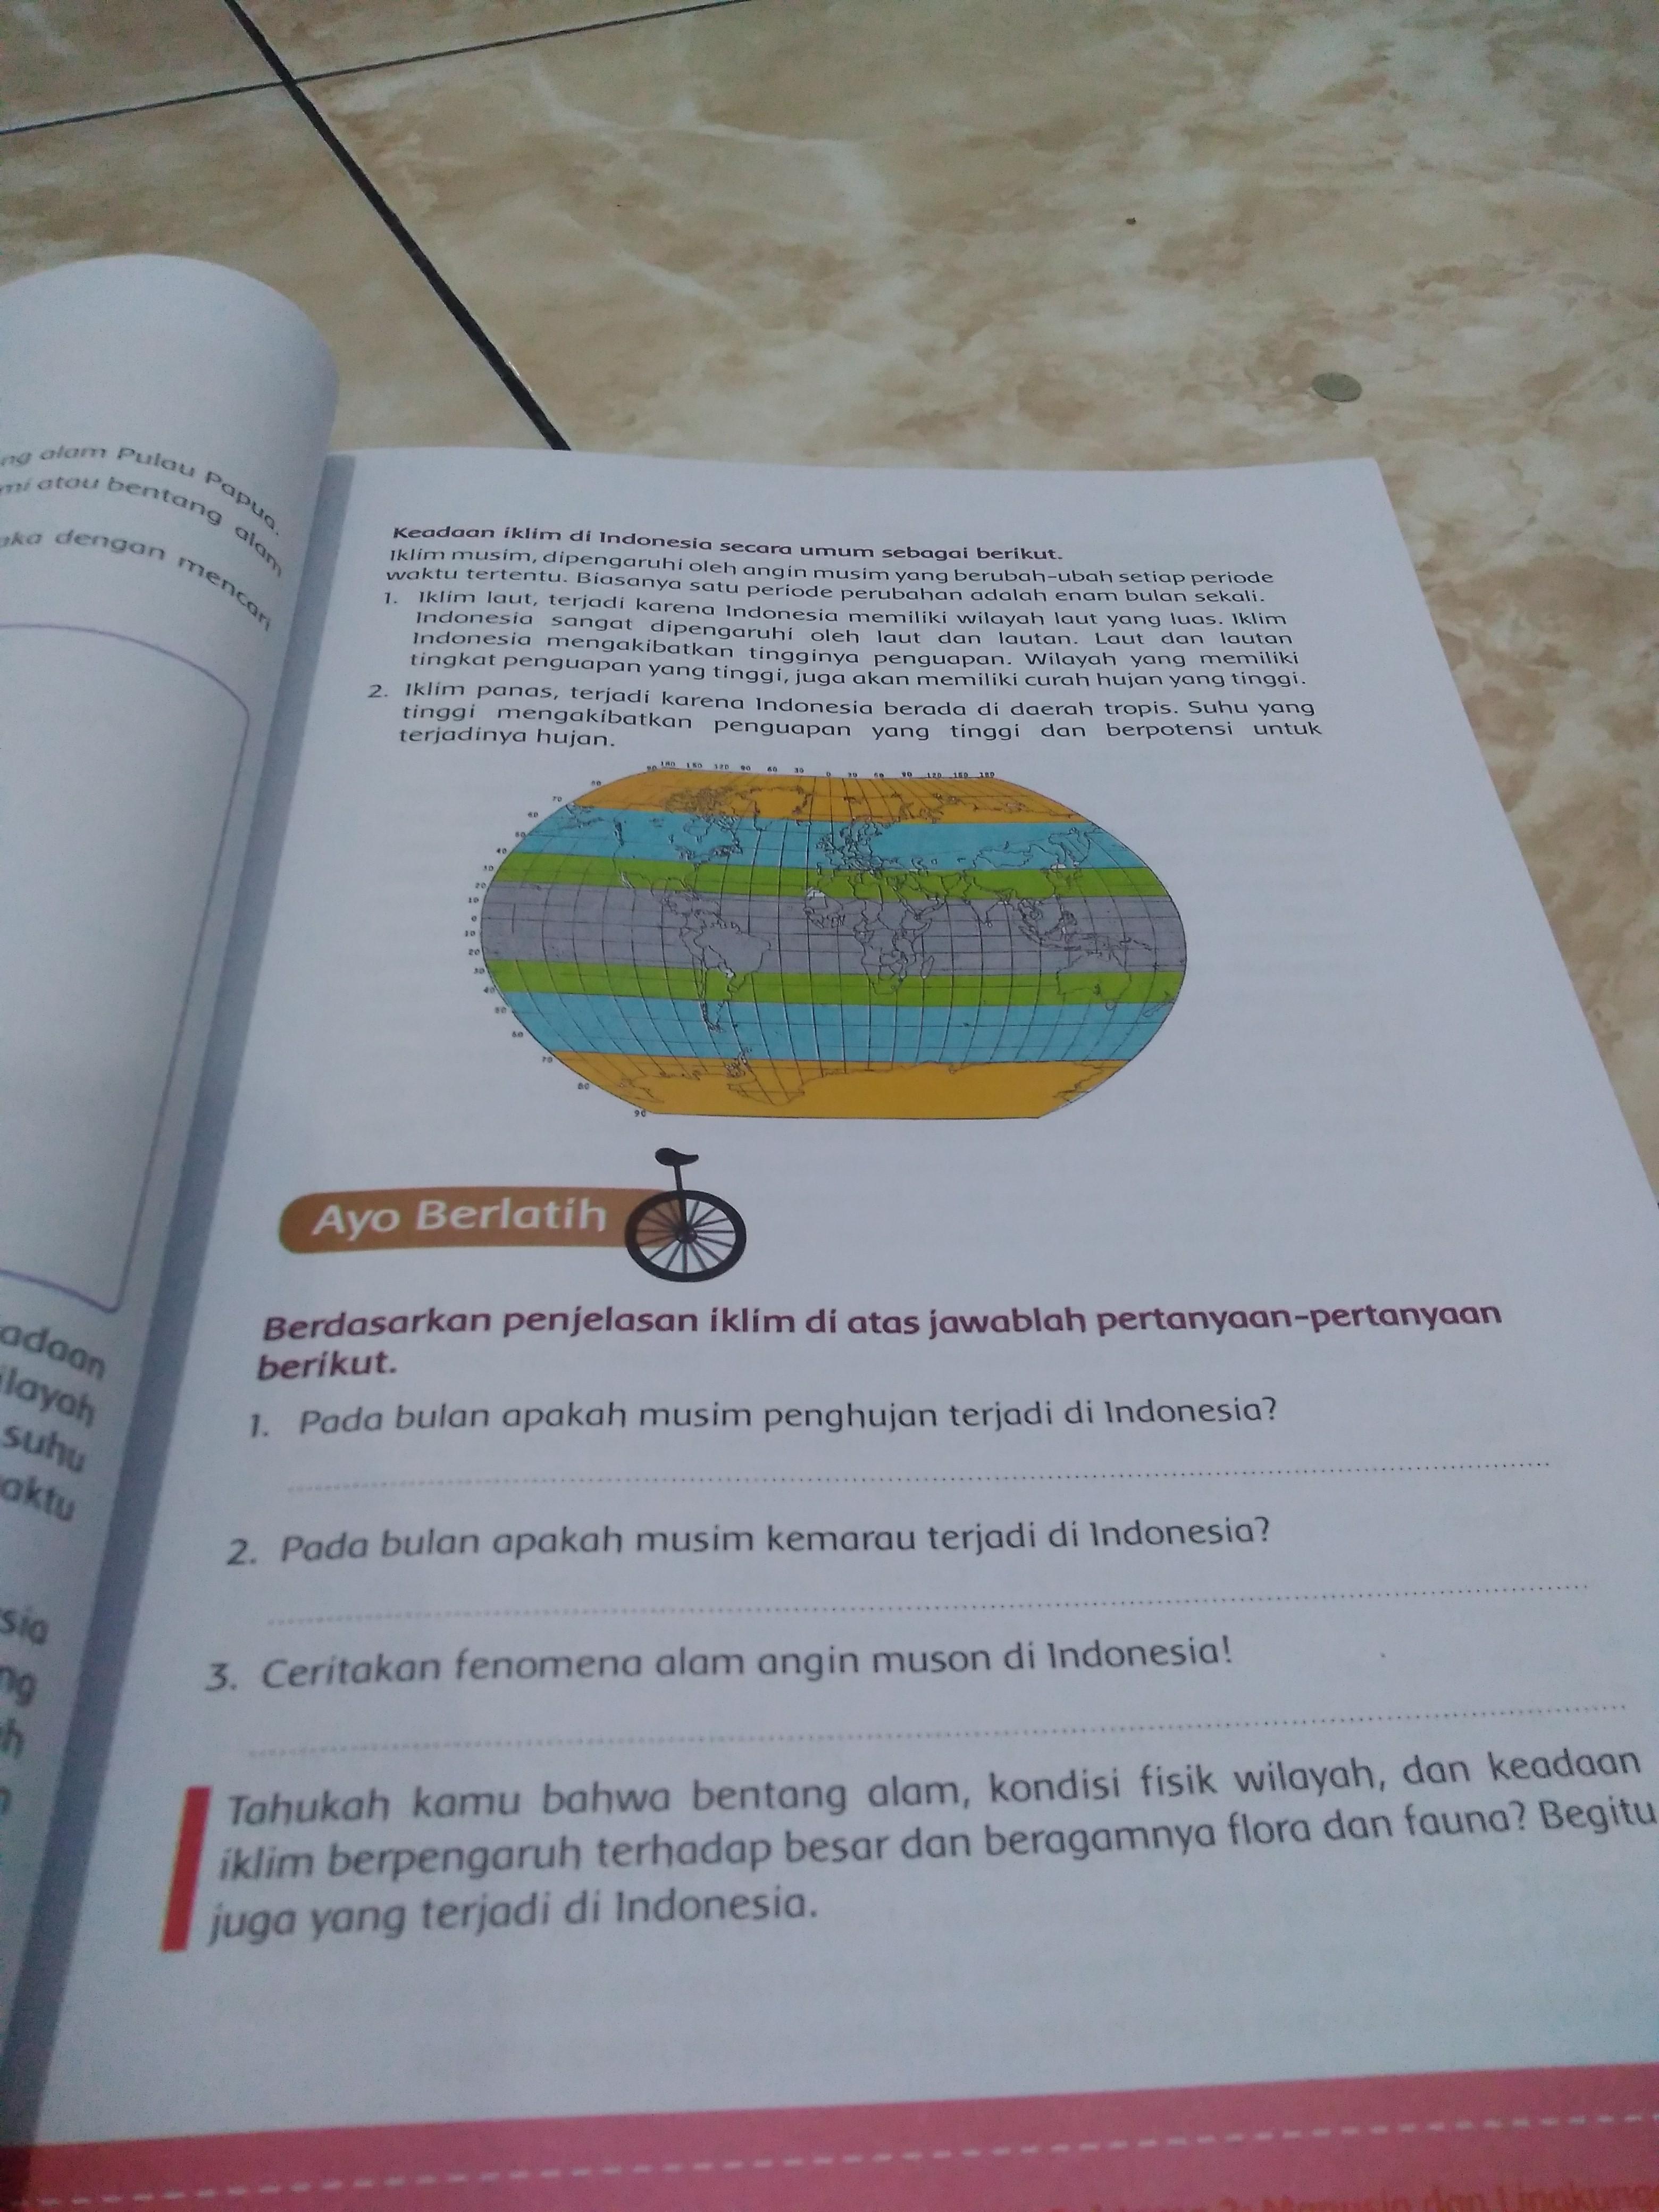 Pada Bulan Apakah Musim Penghujan Terjadi Di Indonesia : bulan, apakah, musim, penghujan, terjadi, indonesia, Tolong, Jawab, Besok, Dikumpulin., Bonusin, Dulu., Brainly.co.id